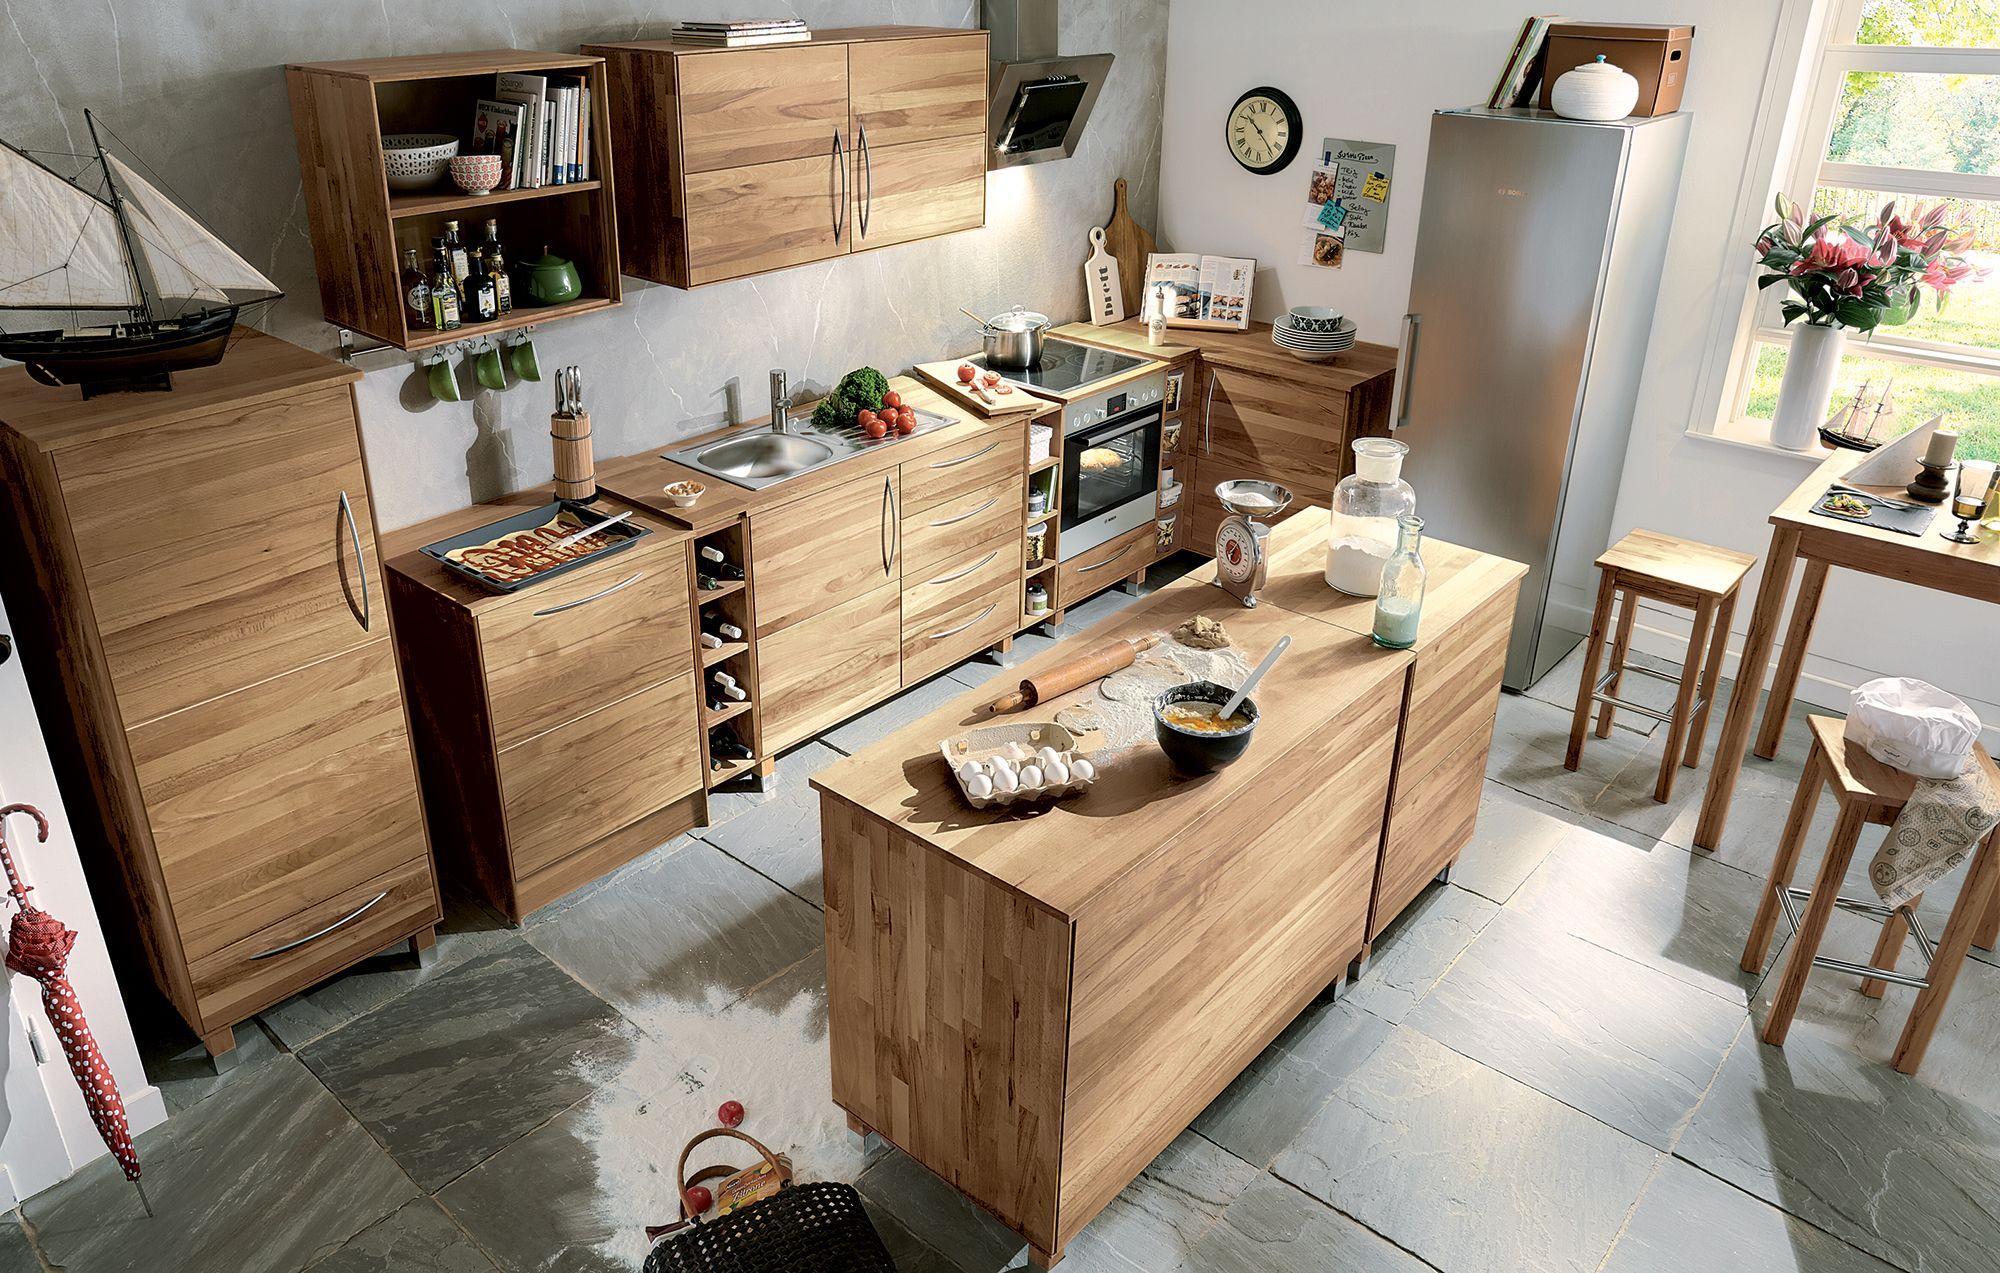 Full Size of Modulküche Holz Unsere Massivholz Modulkche Culinara Ist Nun Auch In Eiche Esstisch Holzplatte Schlafzimmer Garten Spielhaus Ikea Regale Alu Fenster Wohnzimmer Modulküche Holz